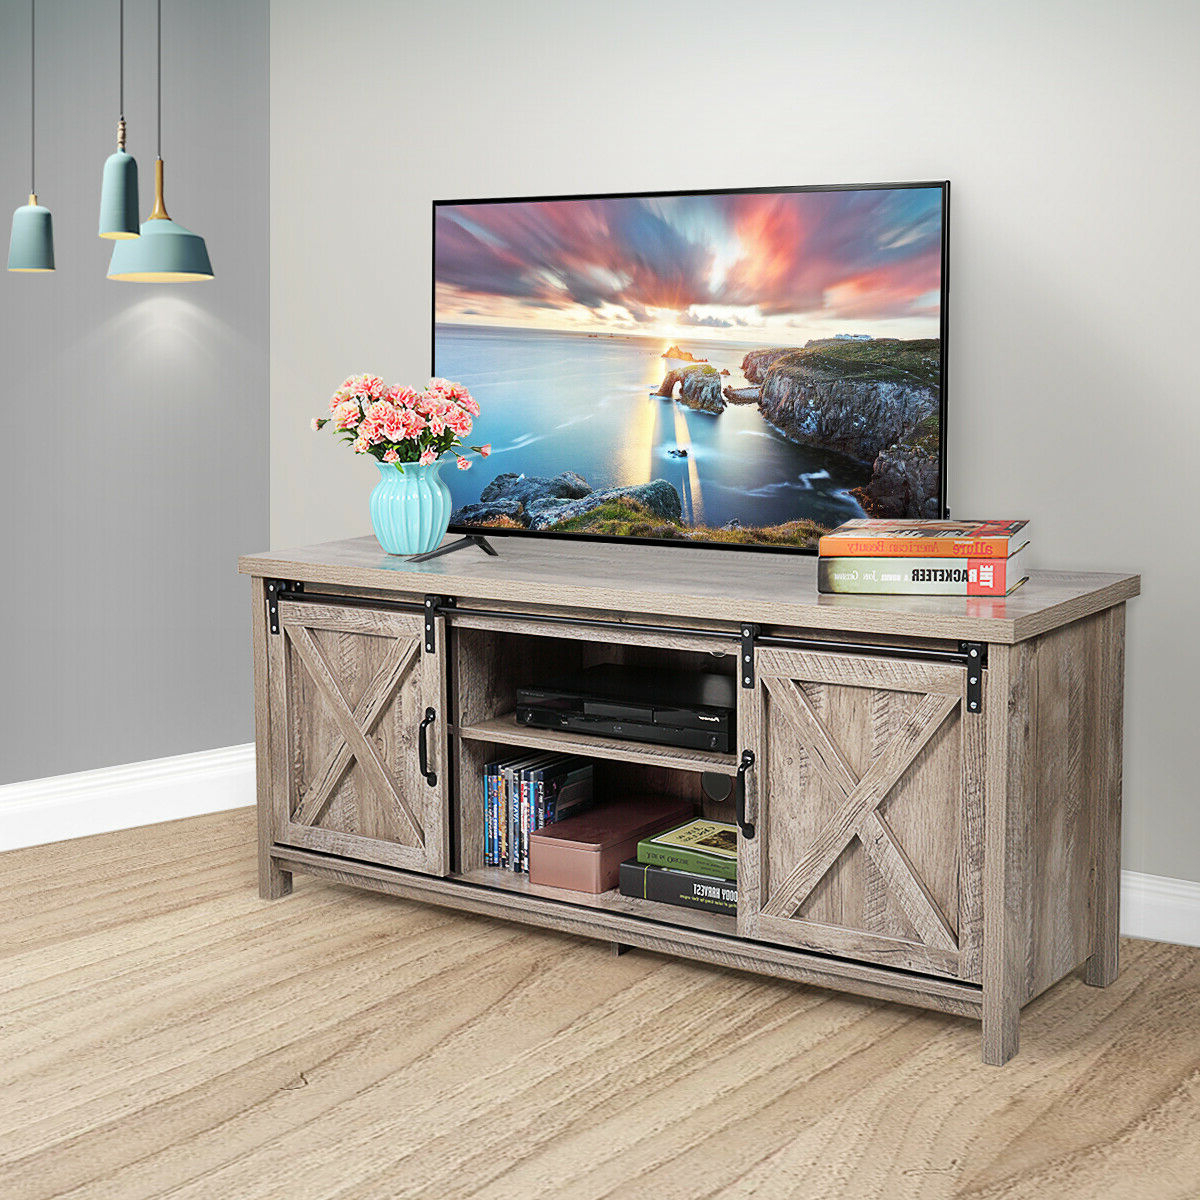 Nufazes Sliding Barn Door Tv Stand,58 Inch Storage Table With Regard To Barn Door Wood Tv Stands (View 2 of 20)